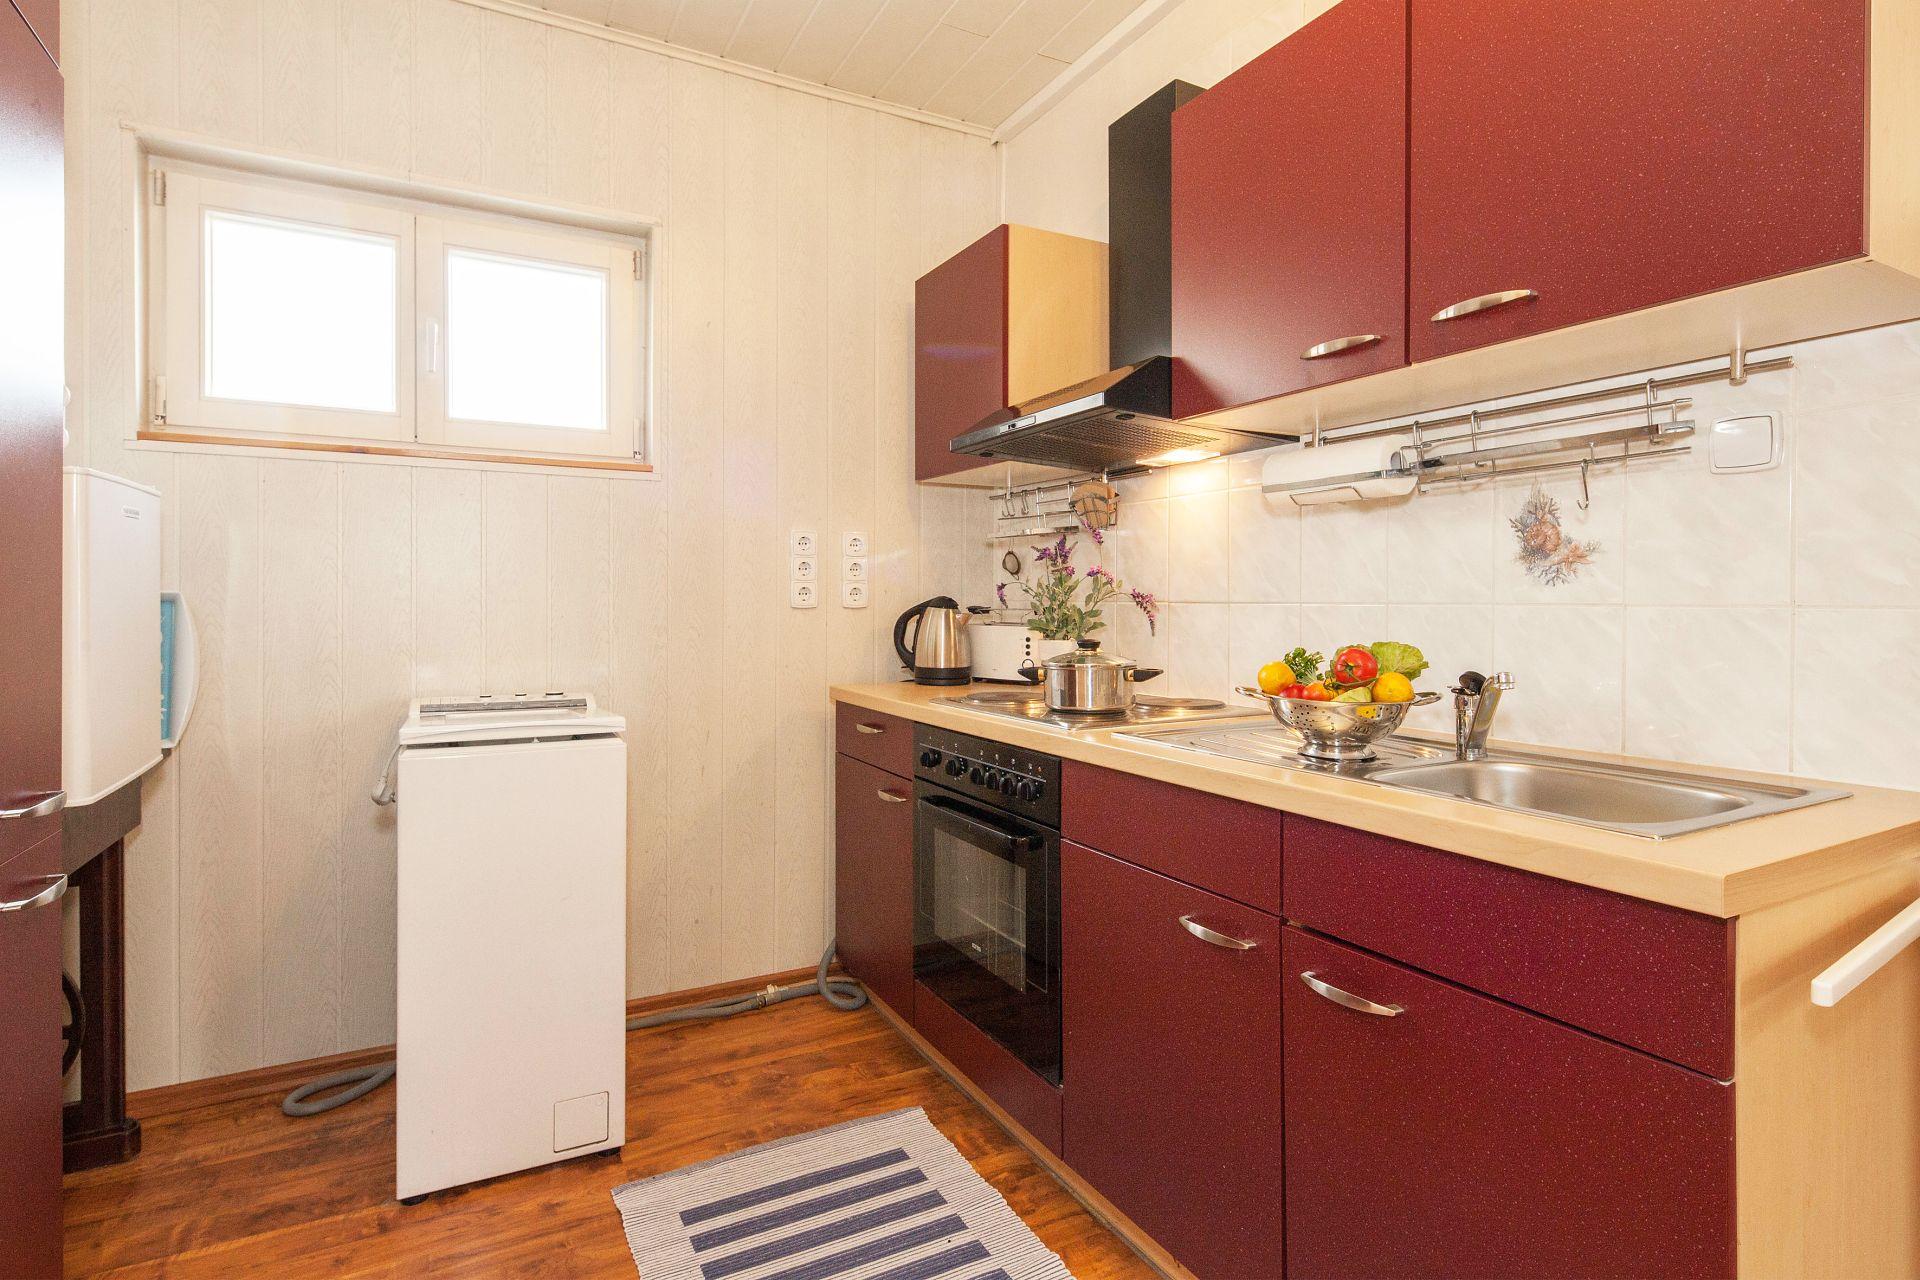 IMG 8136 Aufnachusedom Ferienwohnung Ferienhaus und Meehr Ahlbeck Bansin Usedom Insel 19 - Ferienhaus Ahlbeck